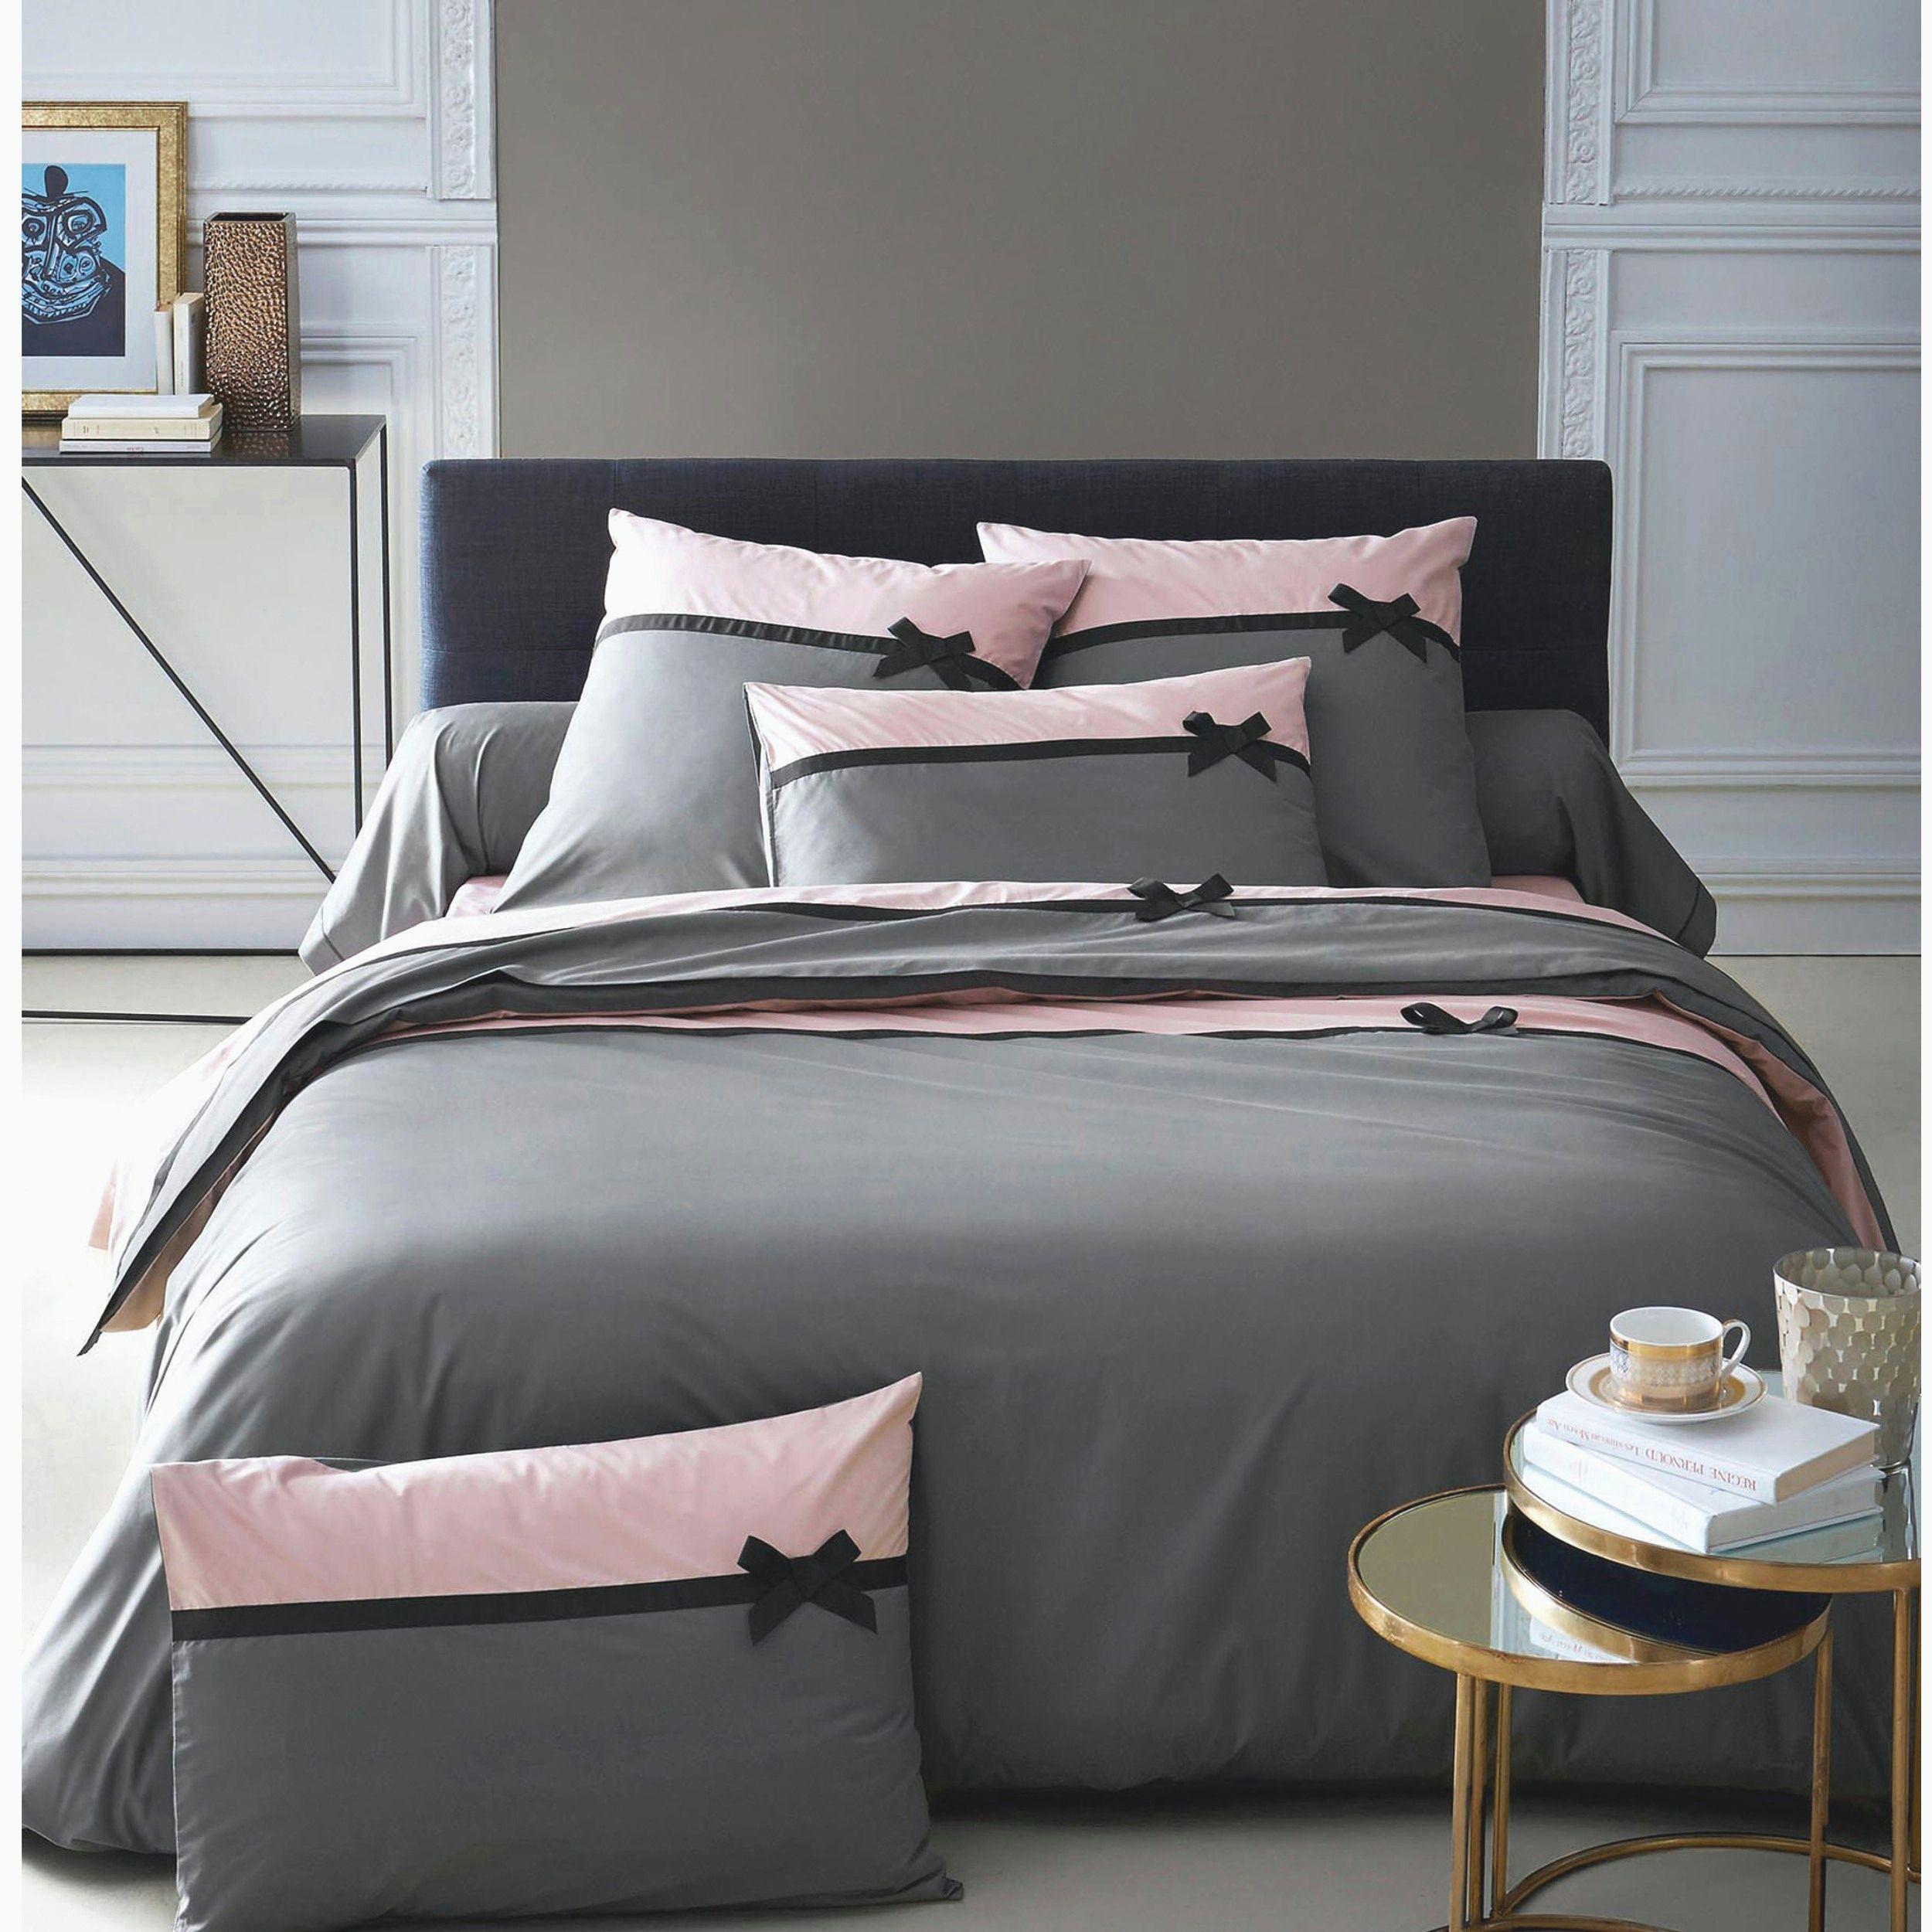 Housse De Couette 200x200 Ikea Housse De Couette 200x200 Ikea Housse De Couette Taies D Oreiller La Touche Finale Trouvez La Hous Bed Decor Bed Bedroom Decor